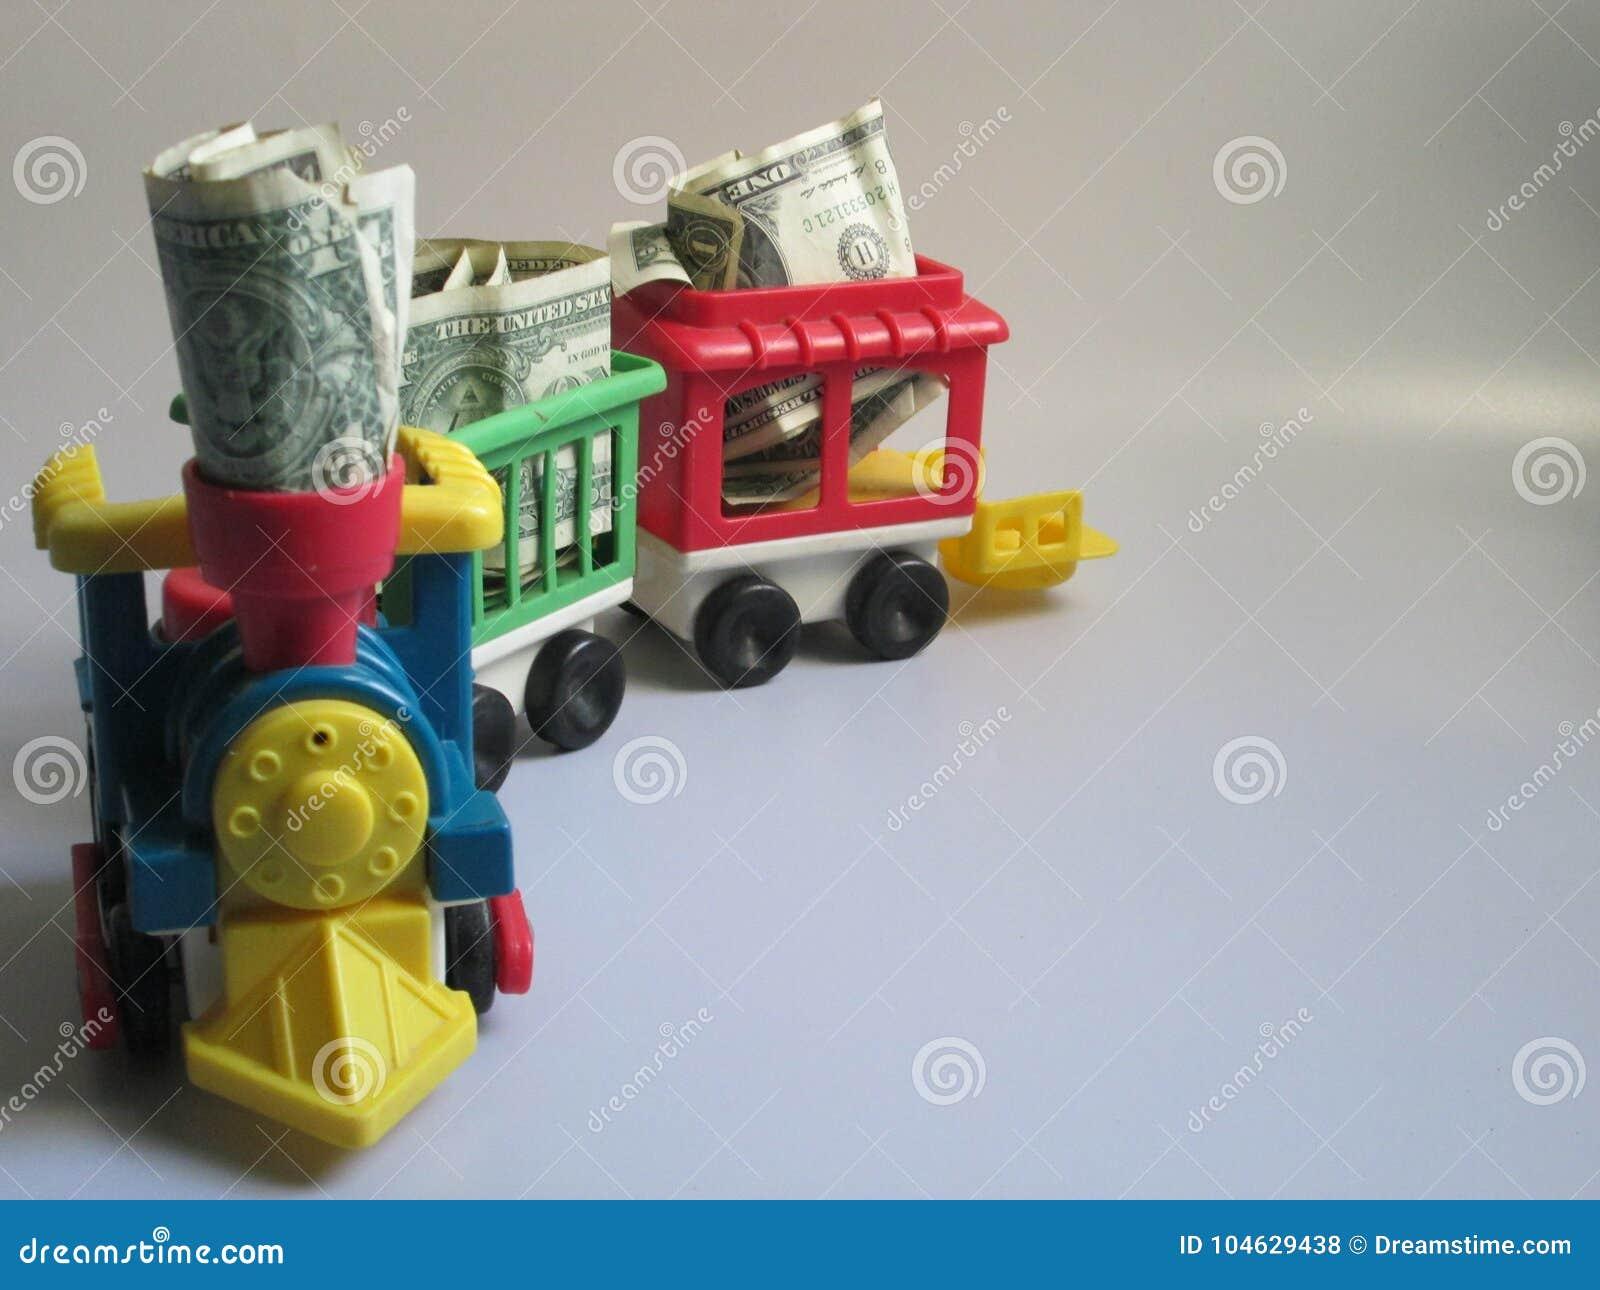 Download Een Trein Loopt Op Een Wit Hoogtepunt Als Achtergrond Van Geld Stock Foto - Afbeelding bestaande uit cash, draag: 104629438